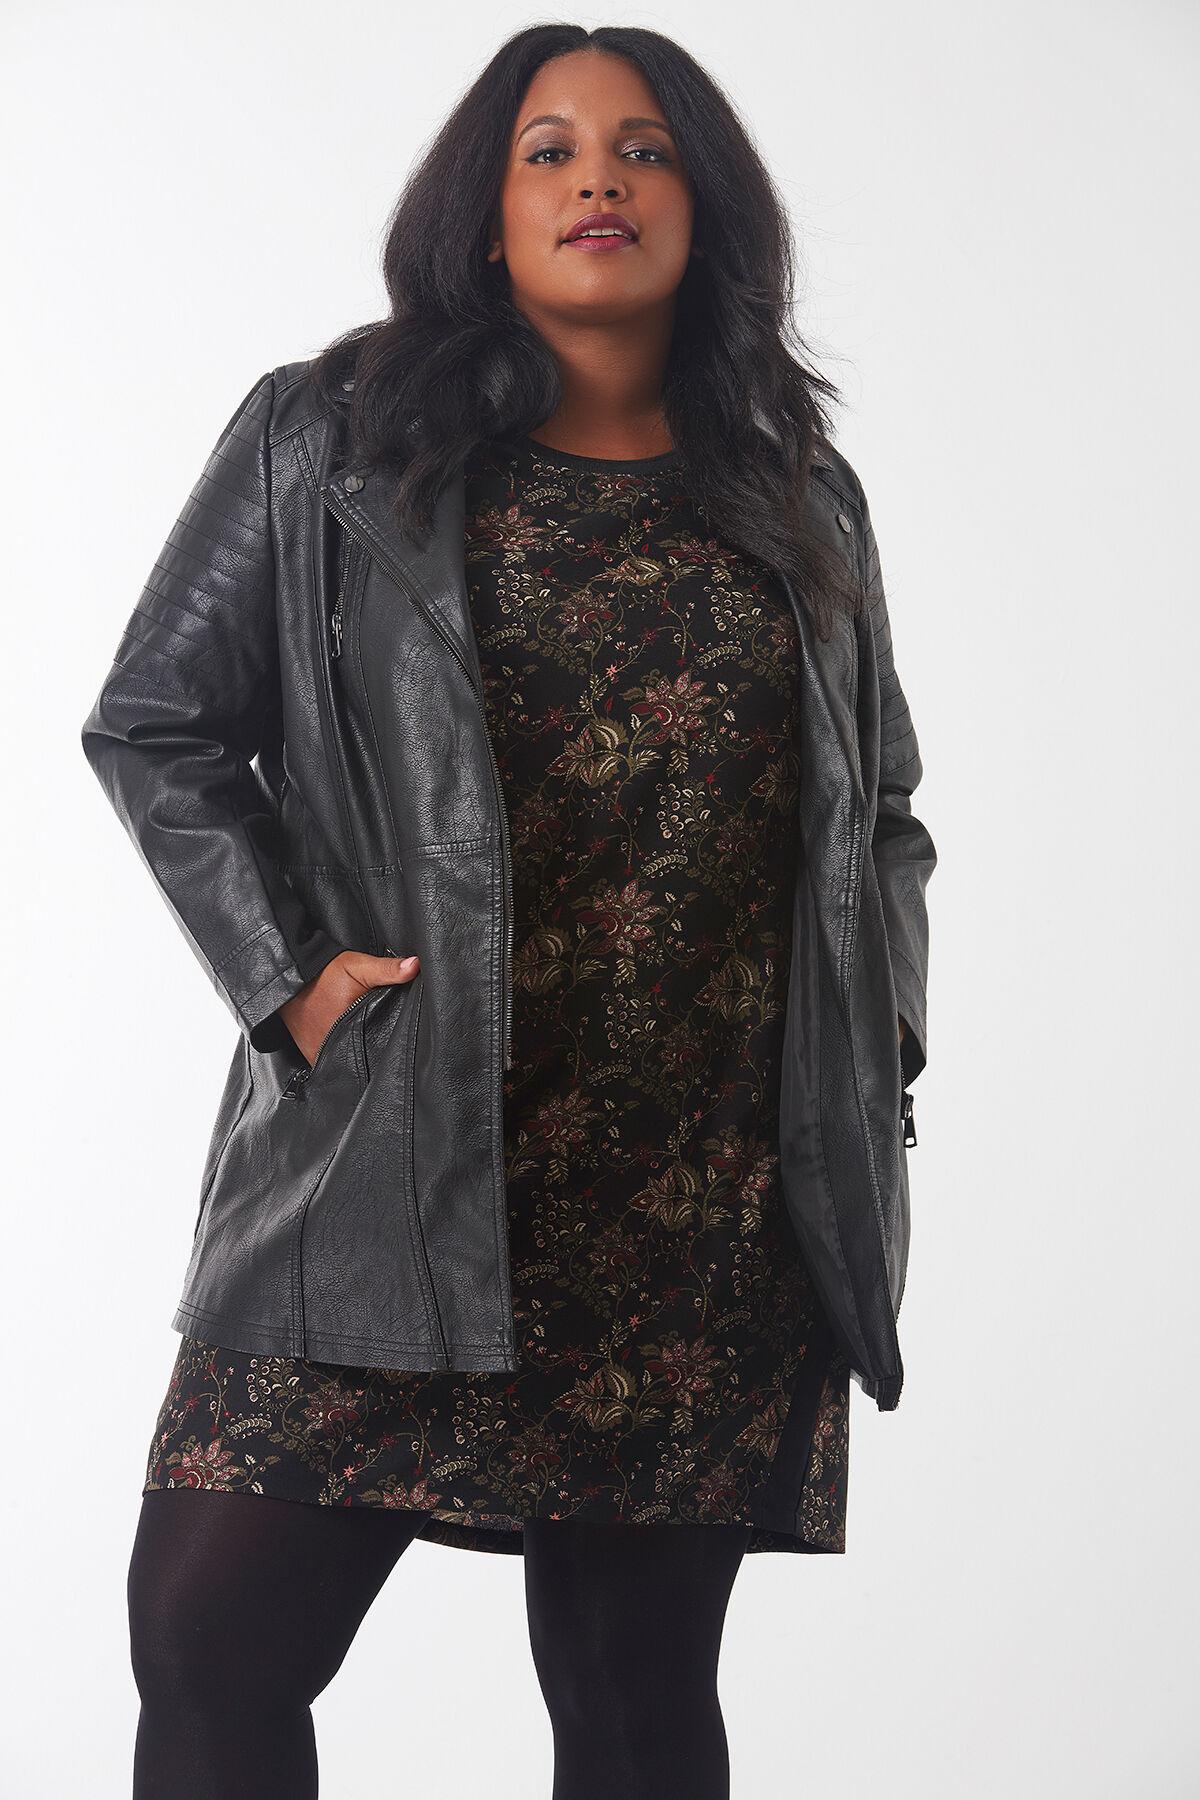 Taille Femme Au Tailles Ms amp; 54 40 Mode Grande Manteaux Vestes qptZPF